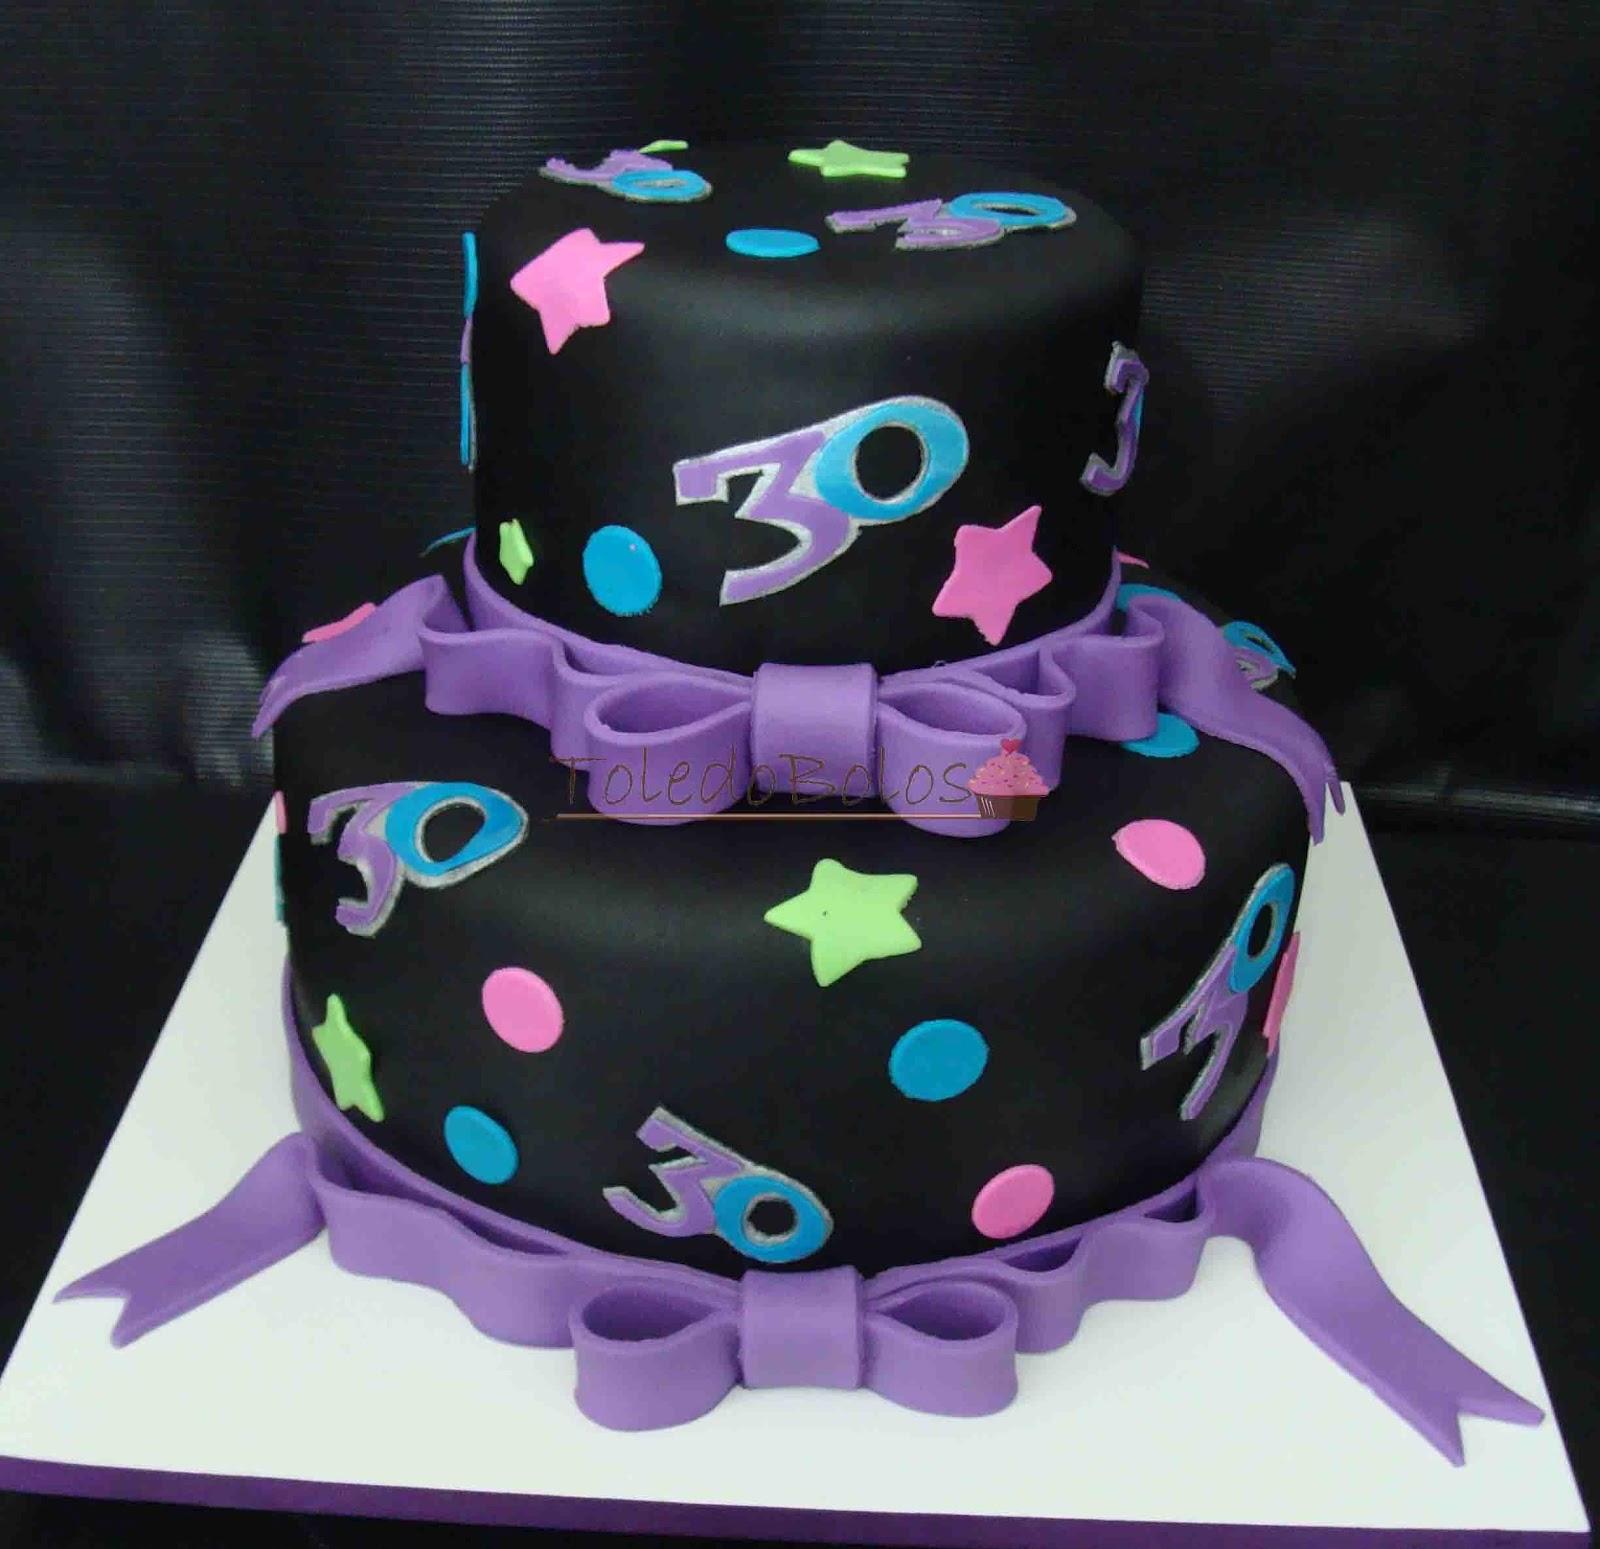 Toledo bolos bolos decorados cupcakes e macarons no rio de bolo para aniversrio de 30 anos altavistaventures Gallery